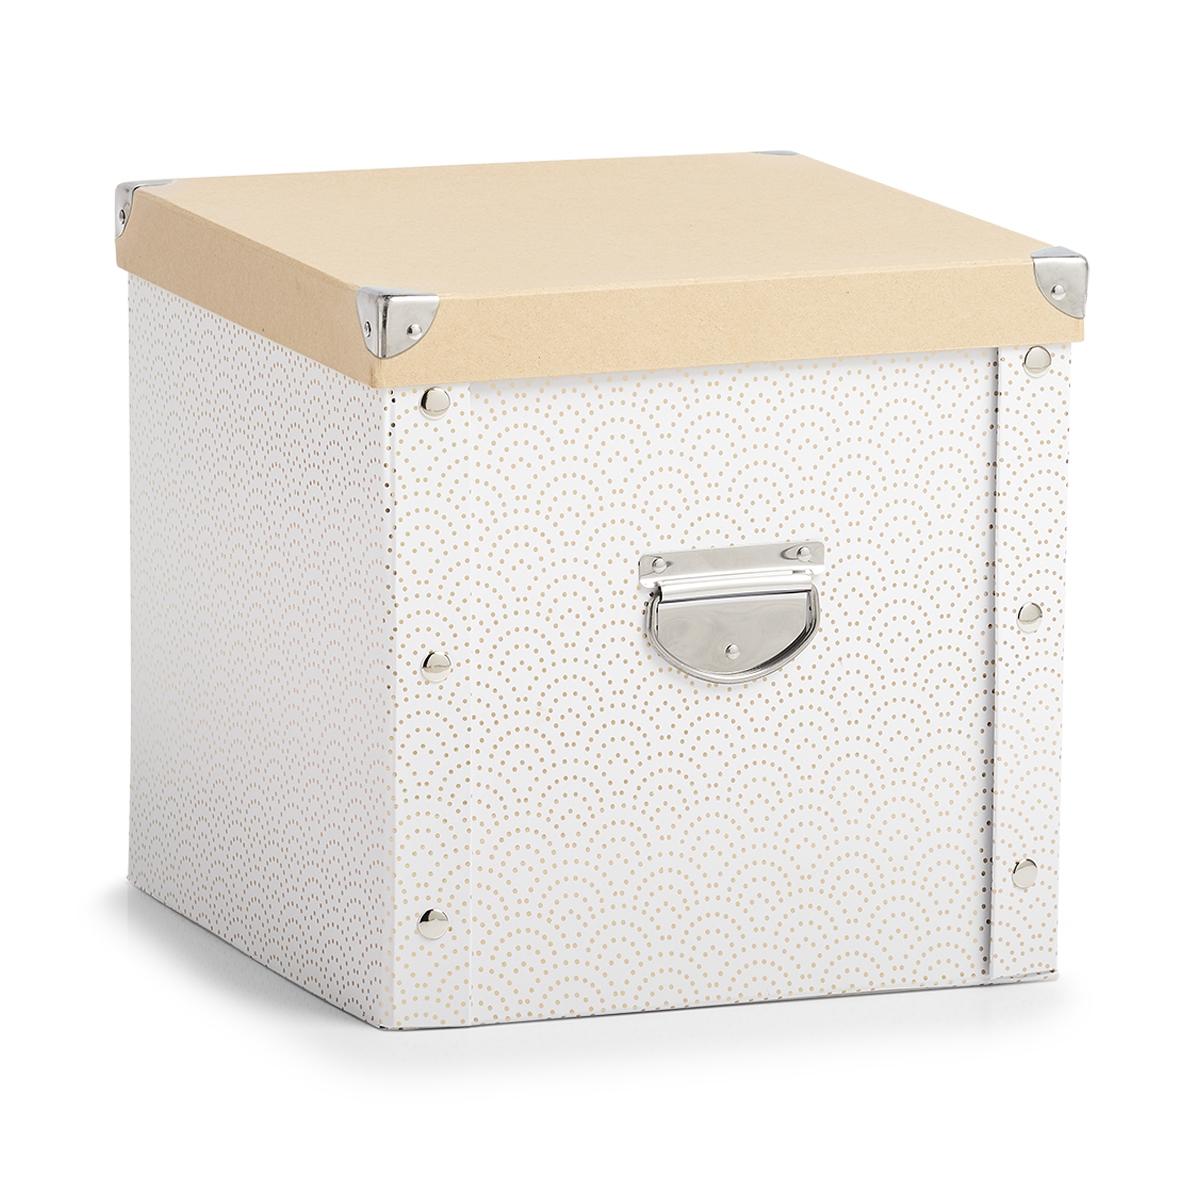 Cutie pentru depozitare globuri, din carton, Christmas Box Alb / Auriu, L30xl30xH29 cm imagine